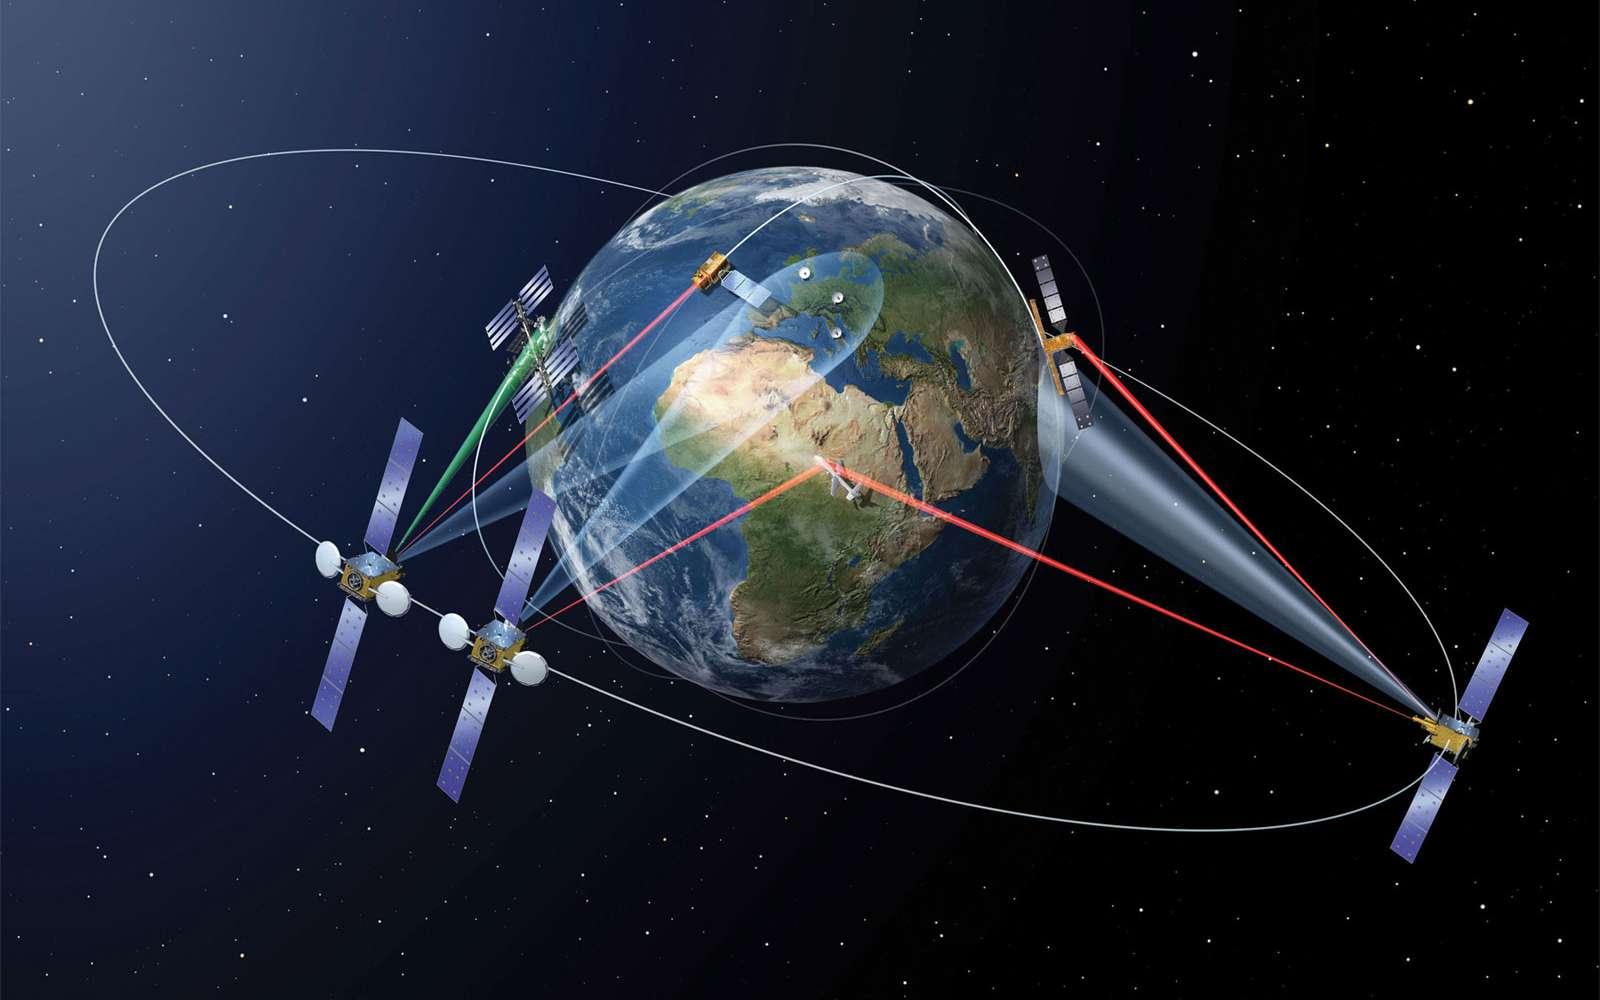 Dans l'espace, il sera bientôt possible de connecter des satellites éloignés de plusieurs milliers de kilomètres pour relayer de très grandes quantités de données à un débit élevé. © Airbus Defence & Space